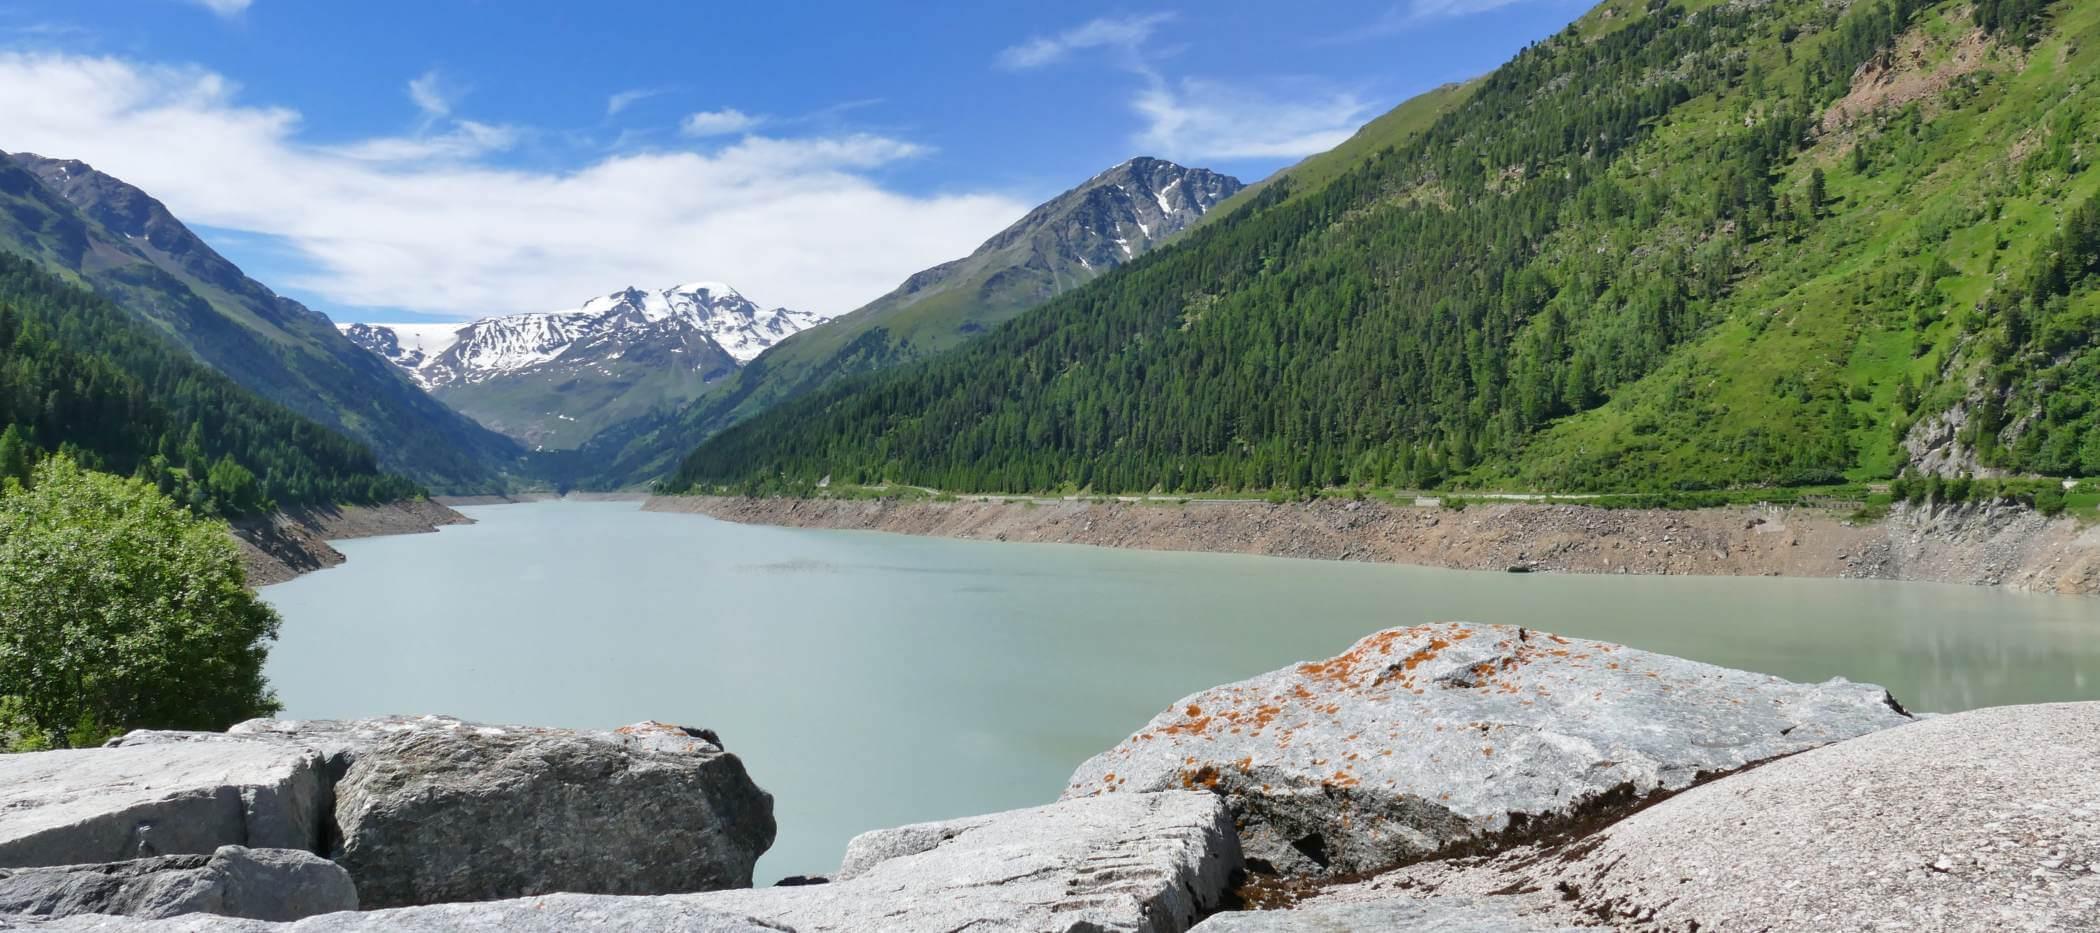 Blick auf Gepatschsee im Kaunertal, Berge im Hintergrund